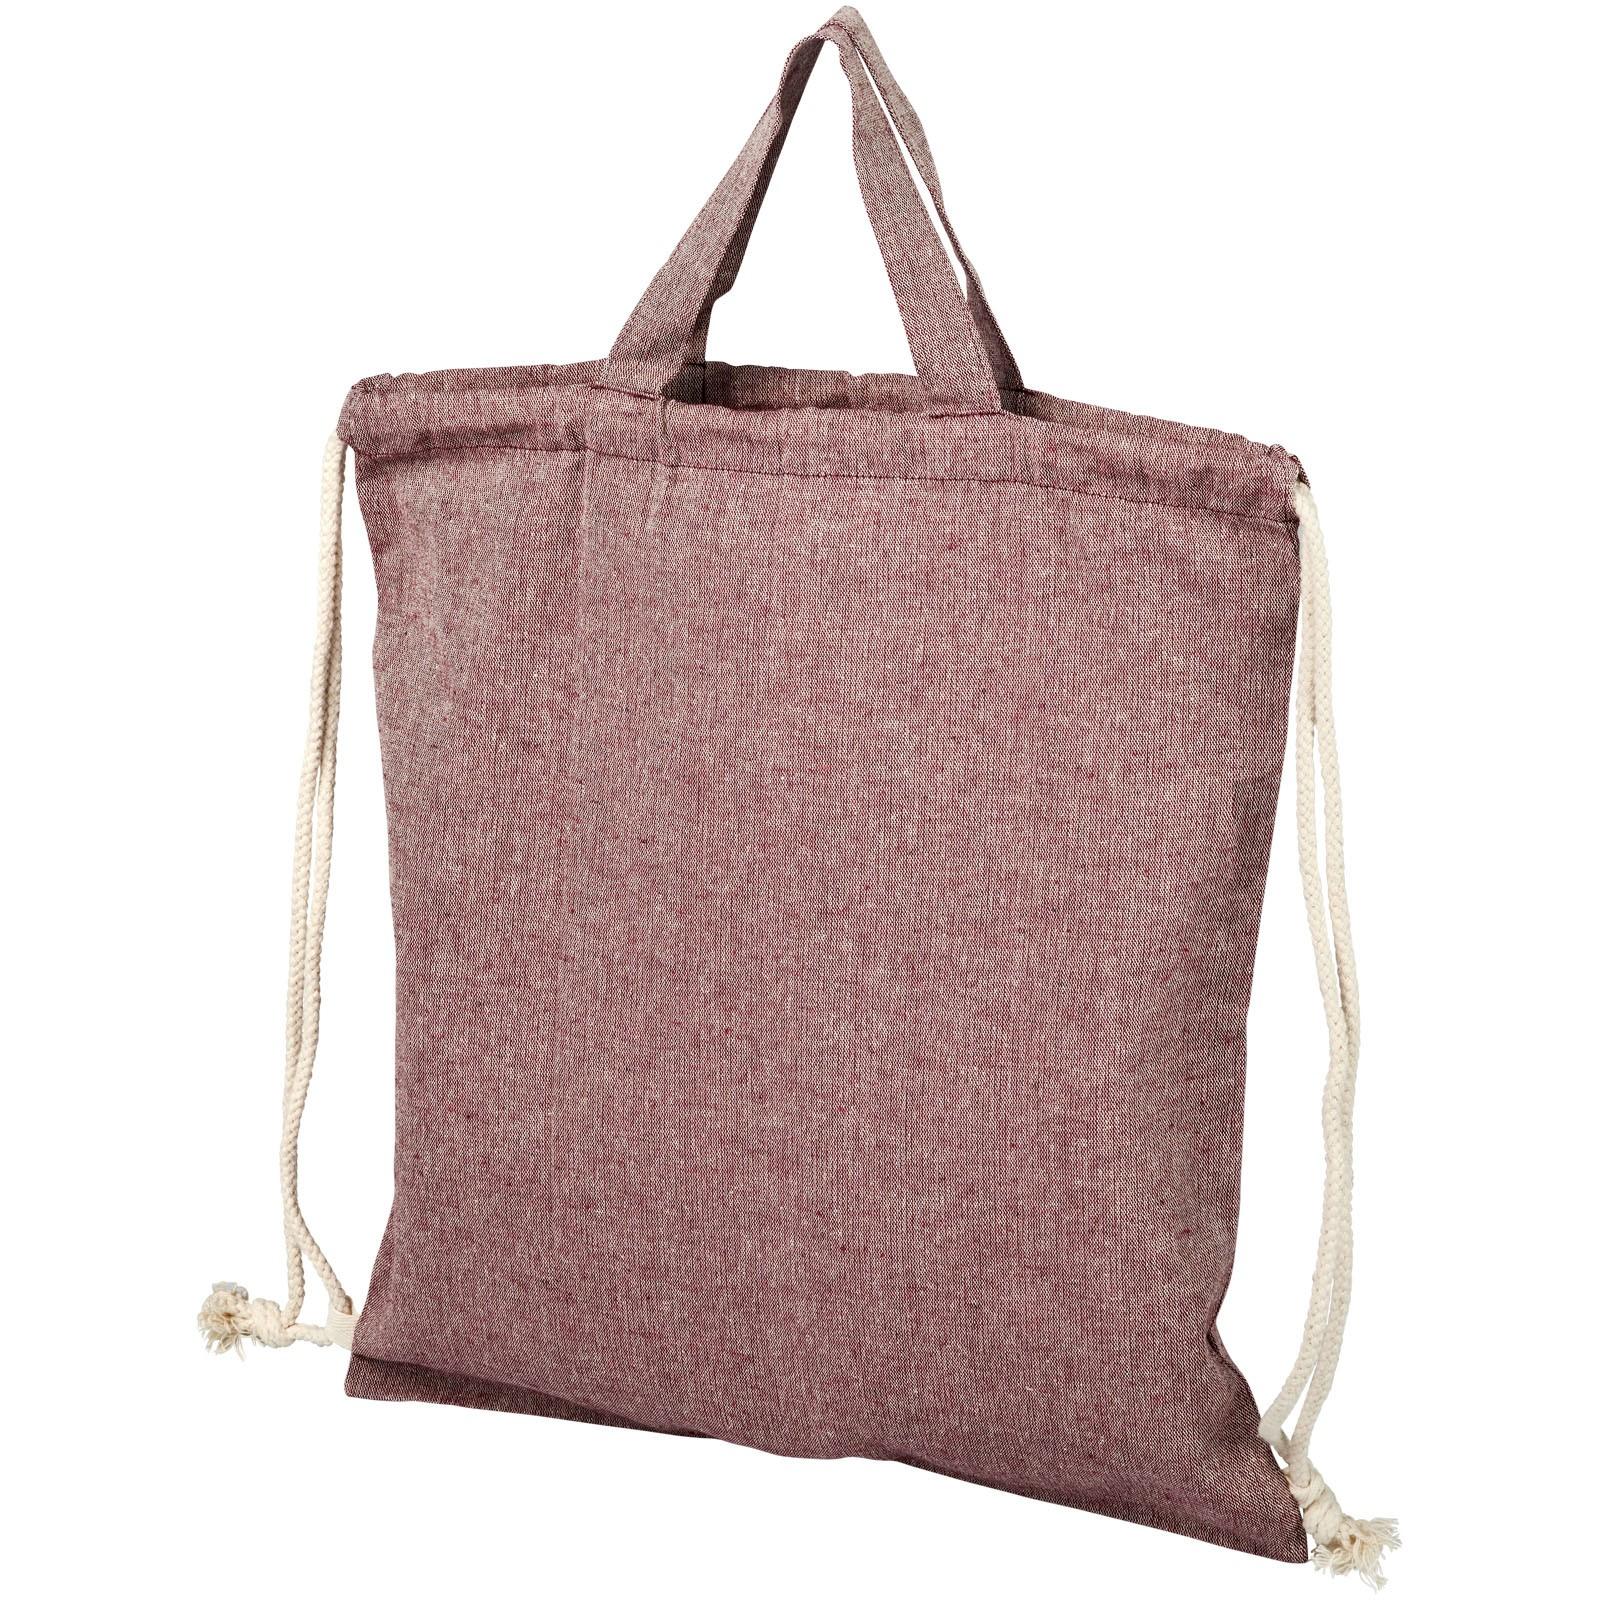 Pheebs batoh se stahovací šňůrkou ze směsi recyklované bavlny a polyesteru 150 g/m² - Heather maroon